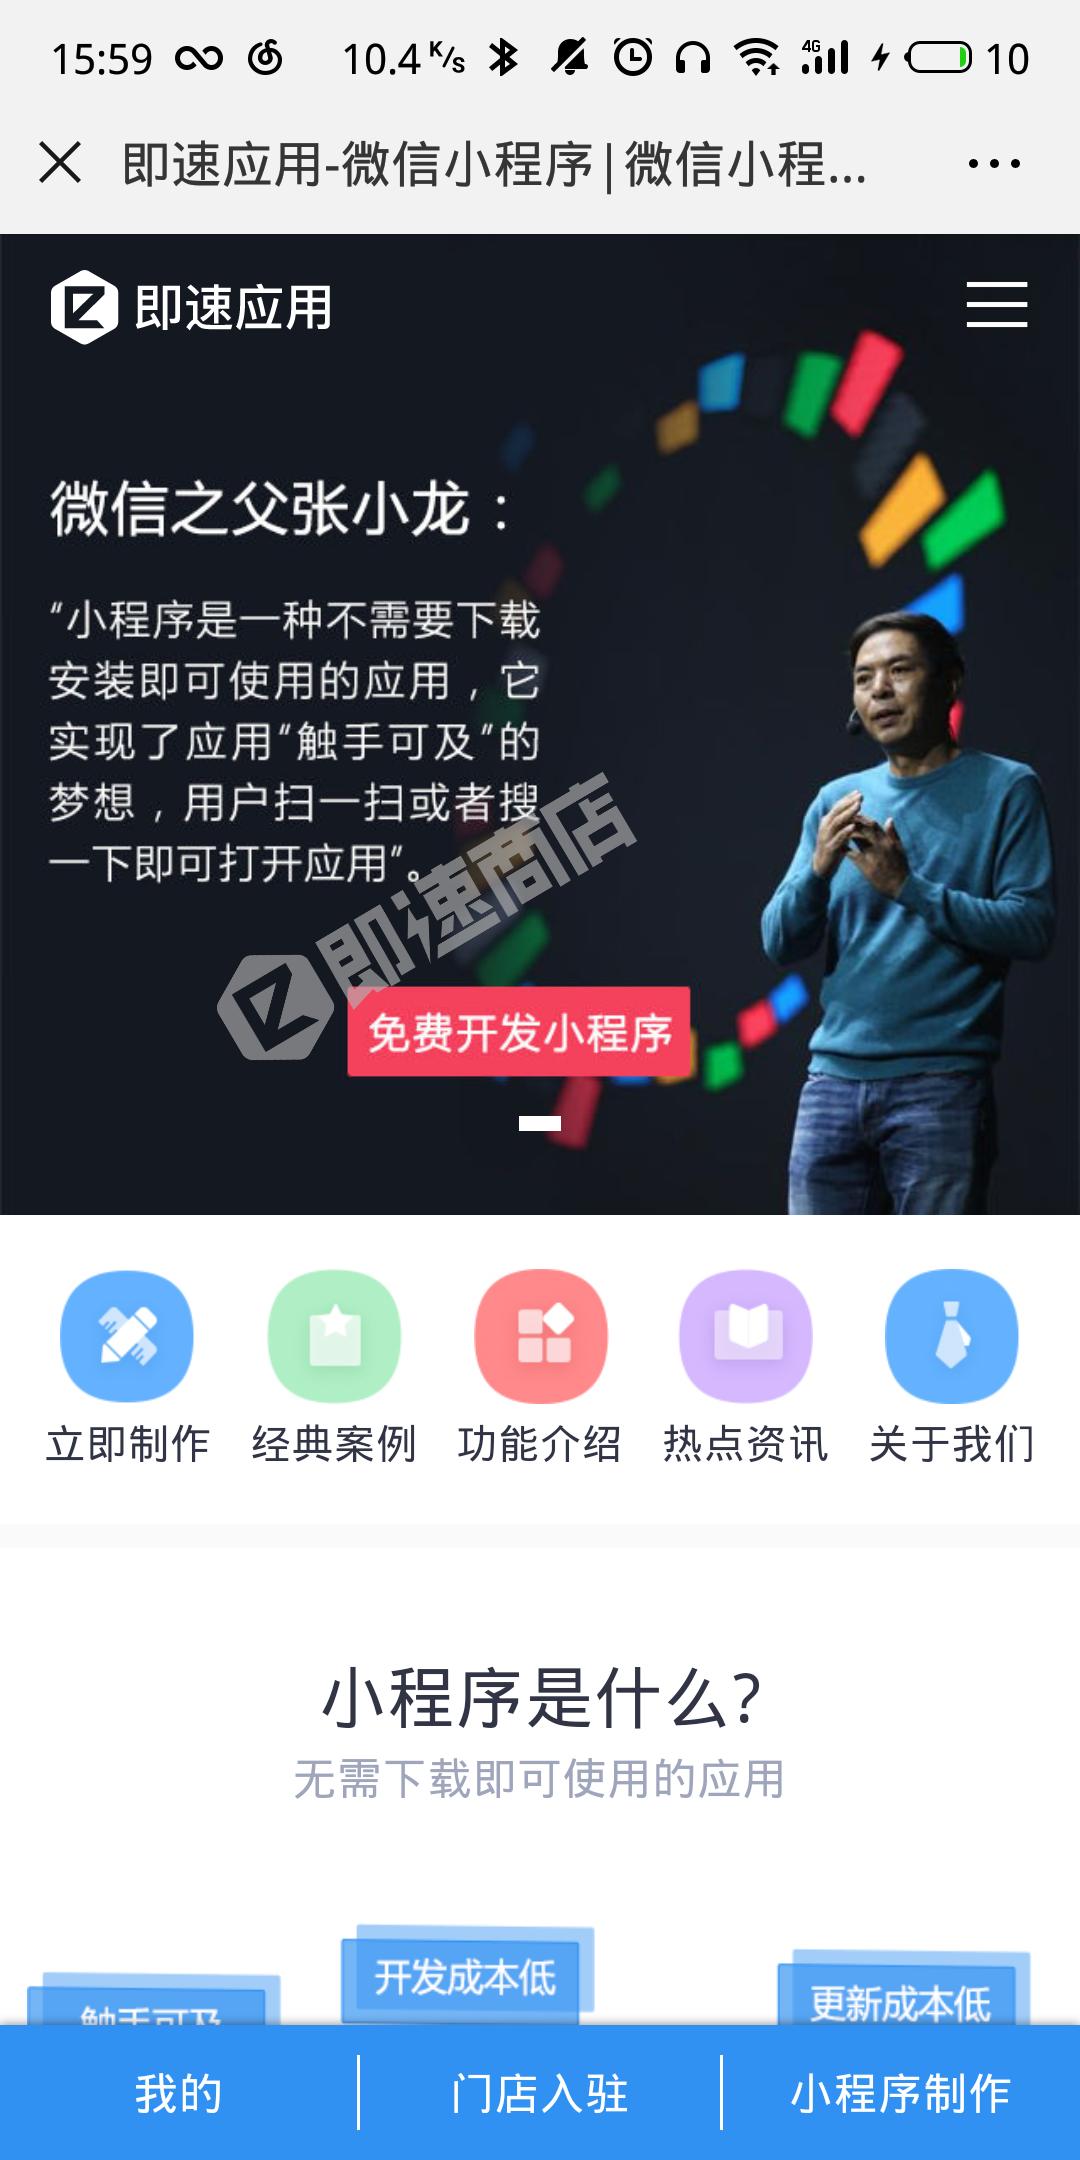 惠成才机器人小程序首页截图